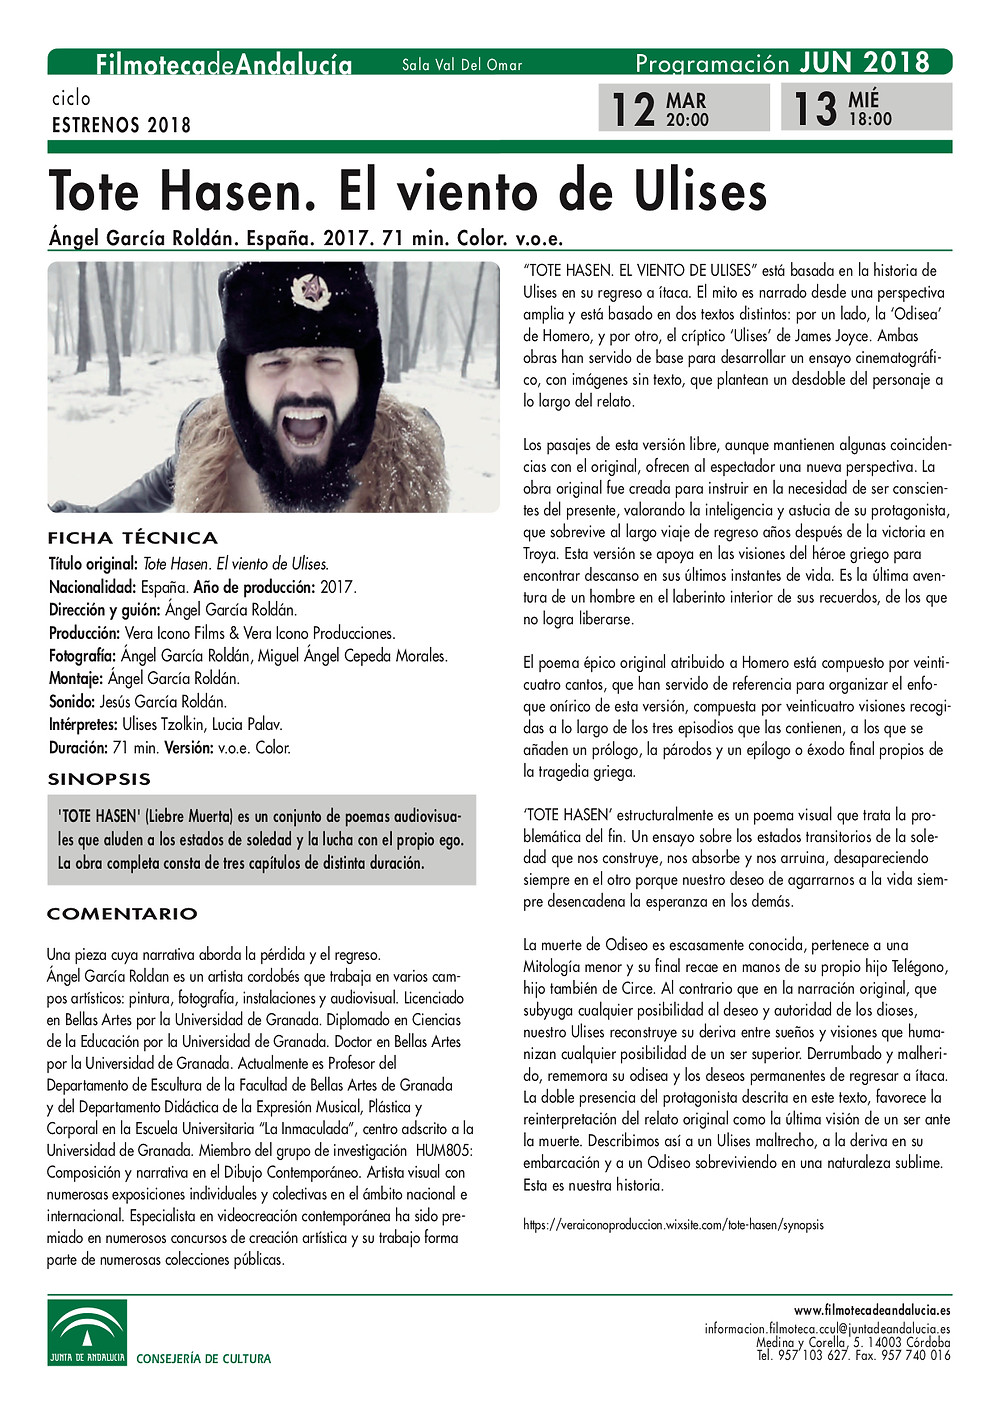 Ficha técnia de la Filmoteca de Andalucía